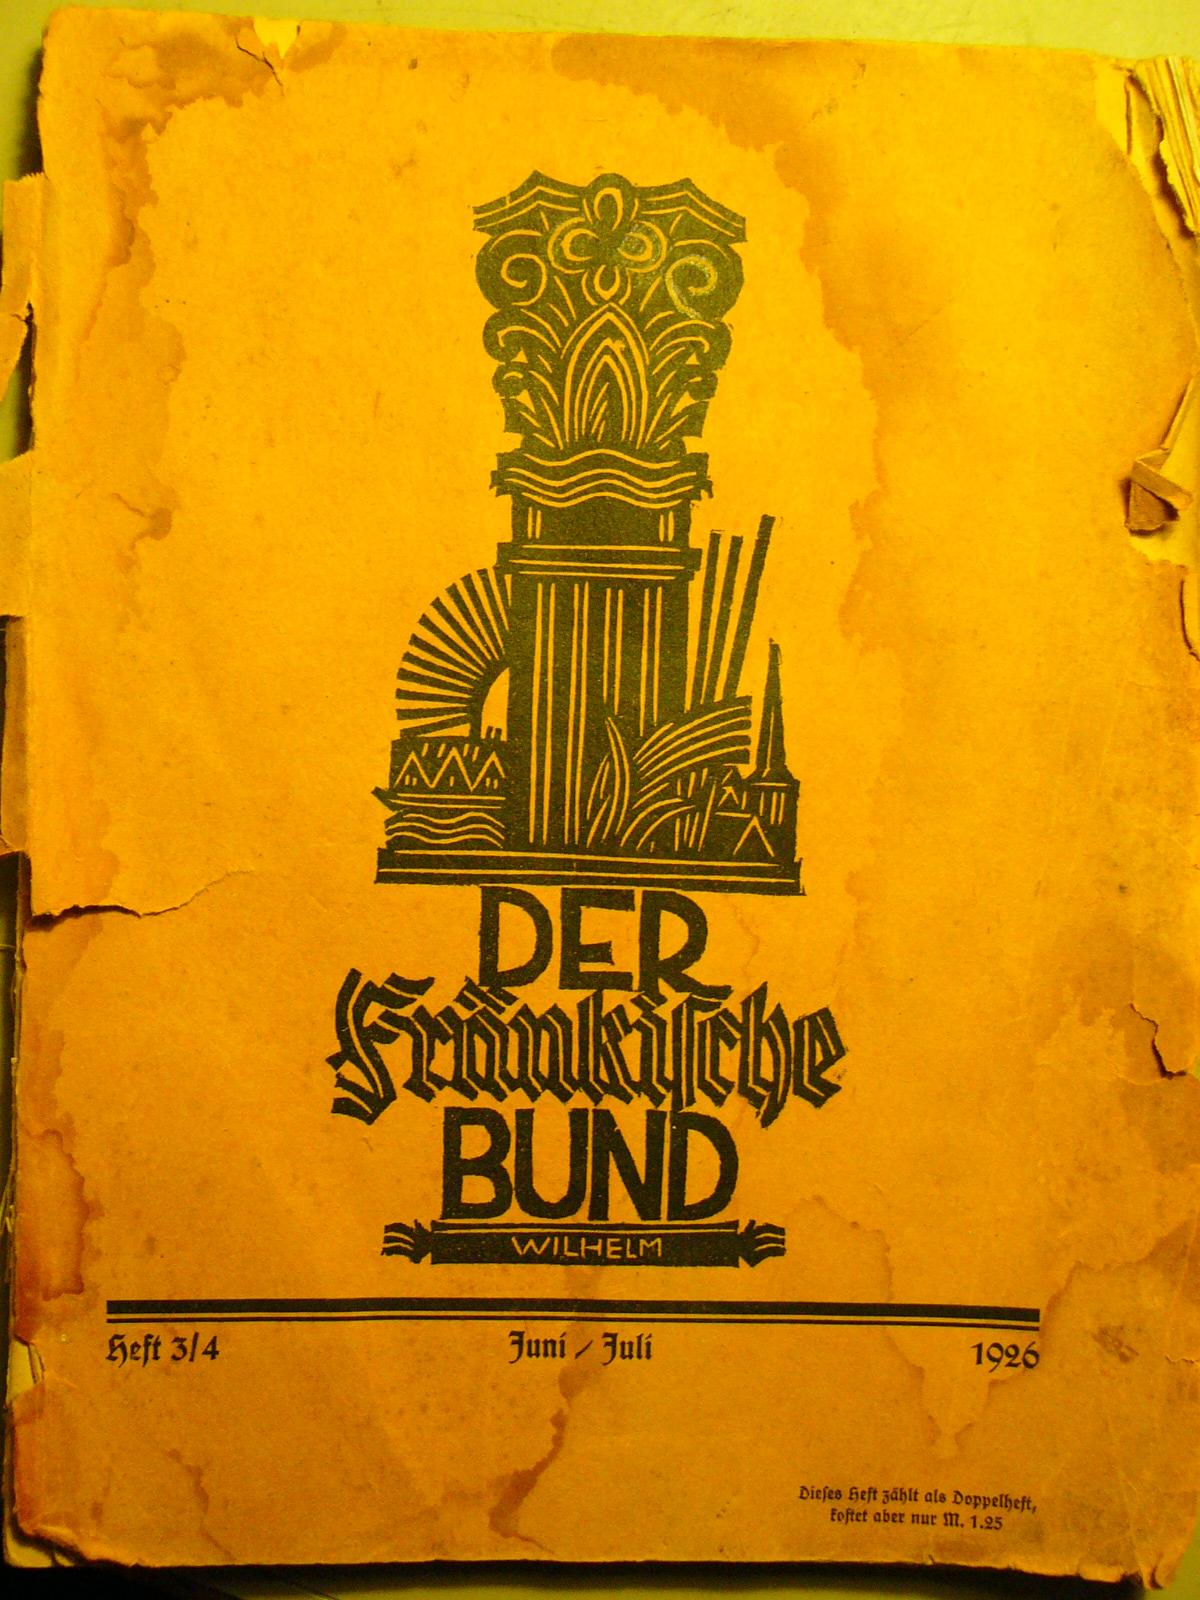 2007 zufällig endeckt Heft Ausgabe 1926 Der fränkische Bund.JPG